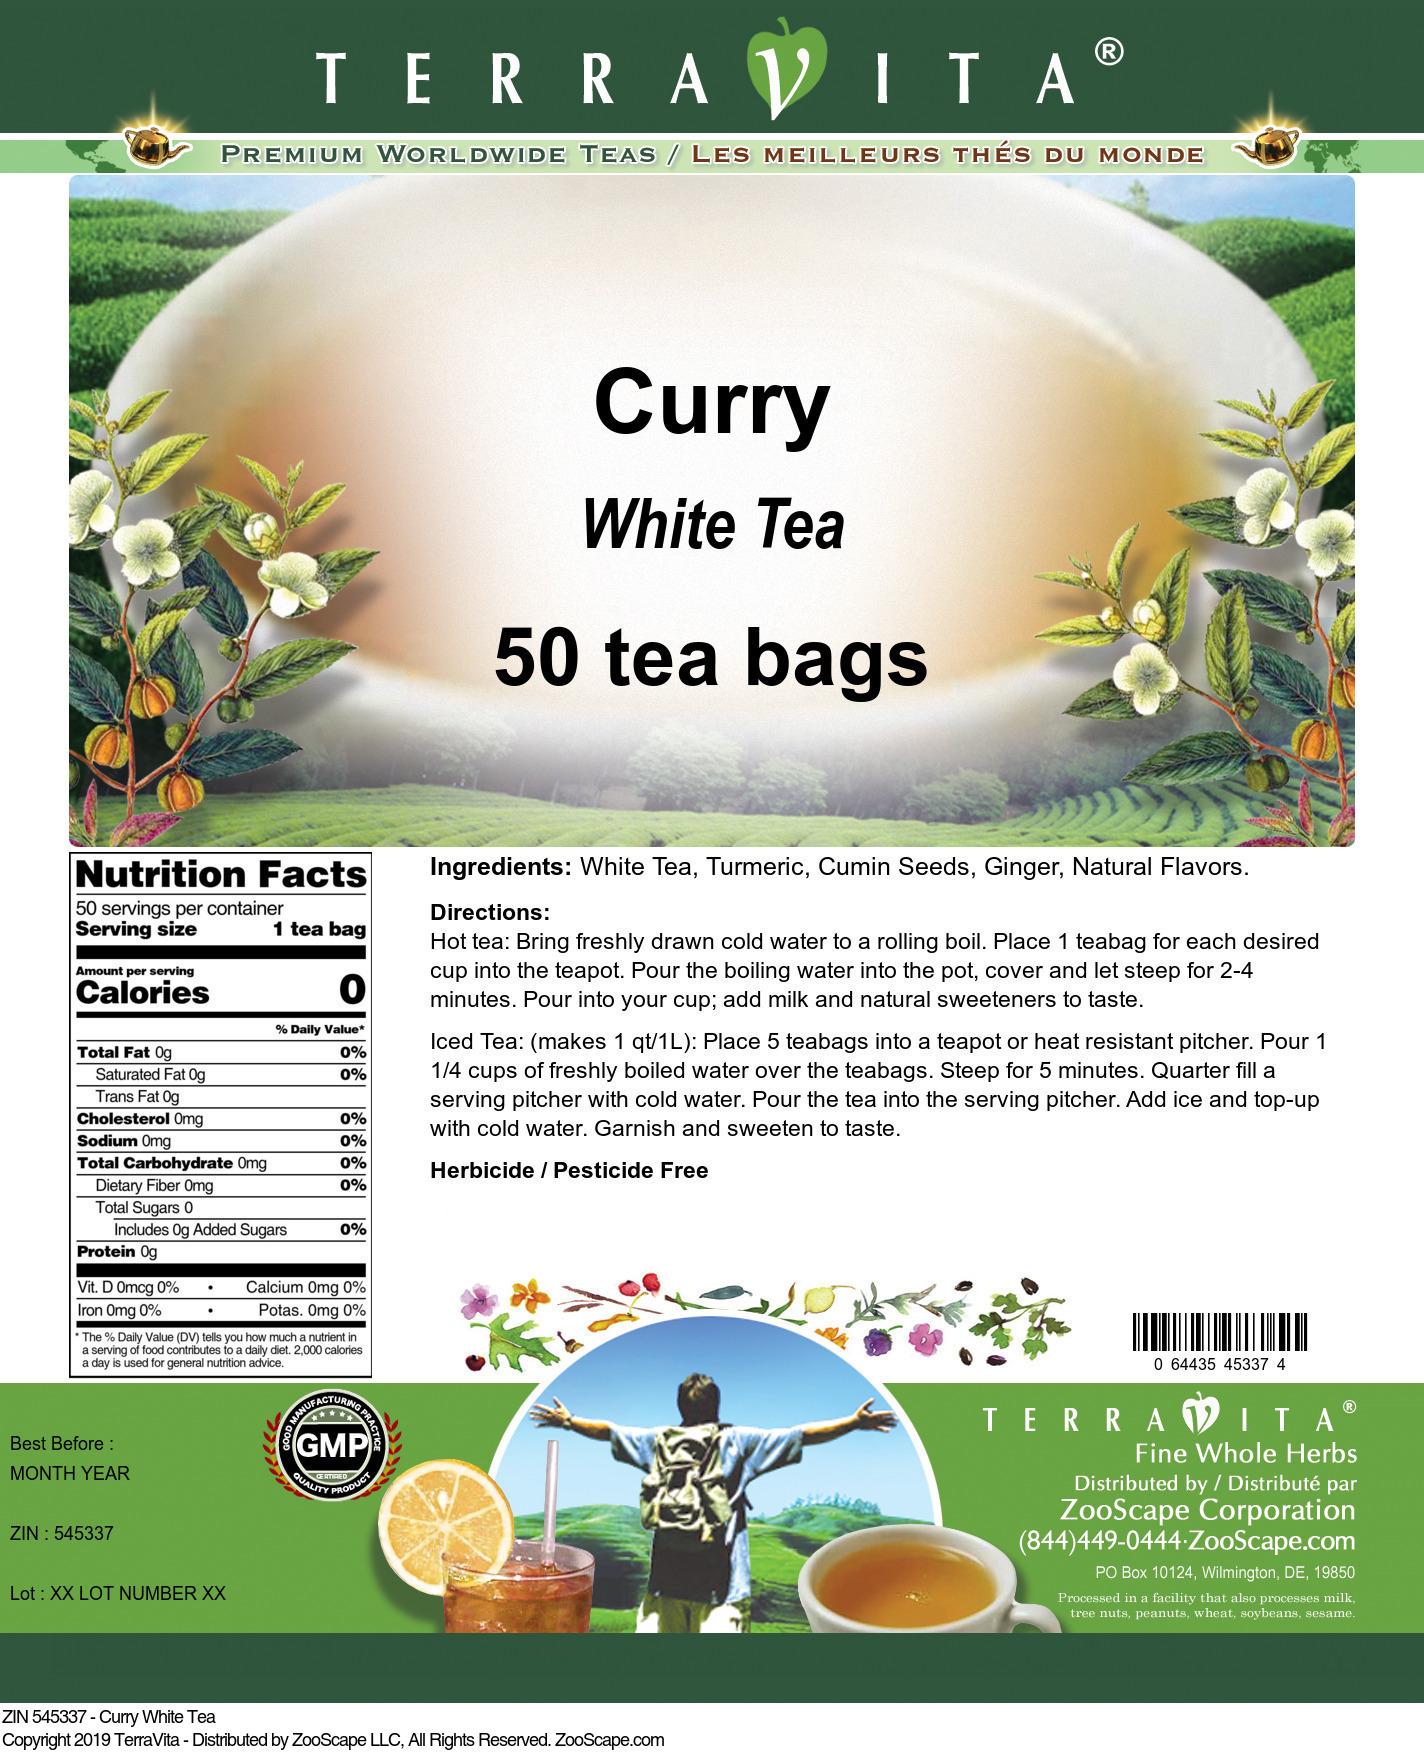 Curry White Tea